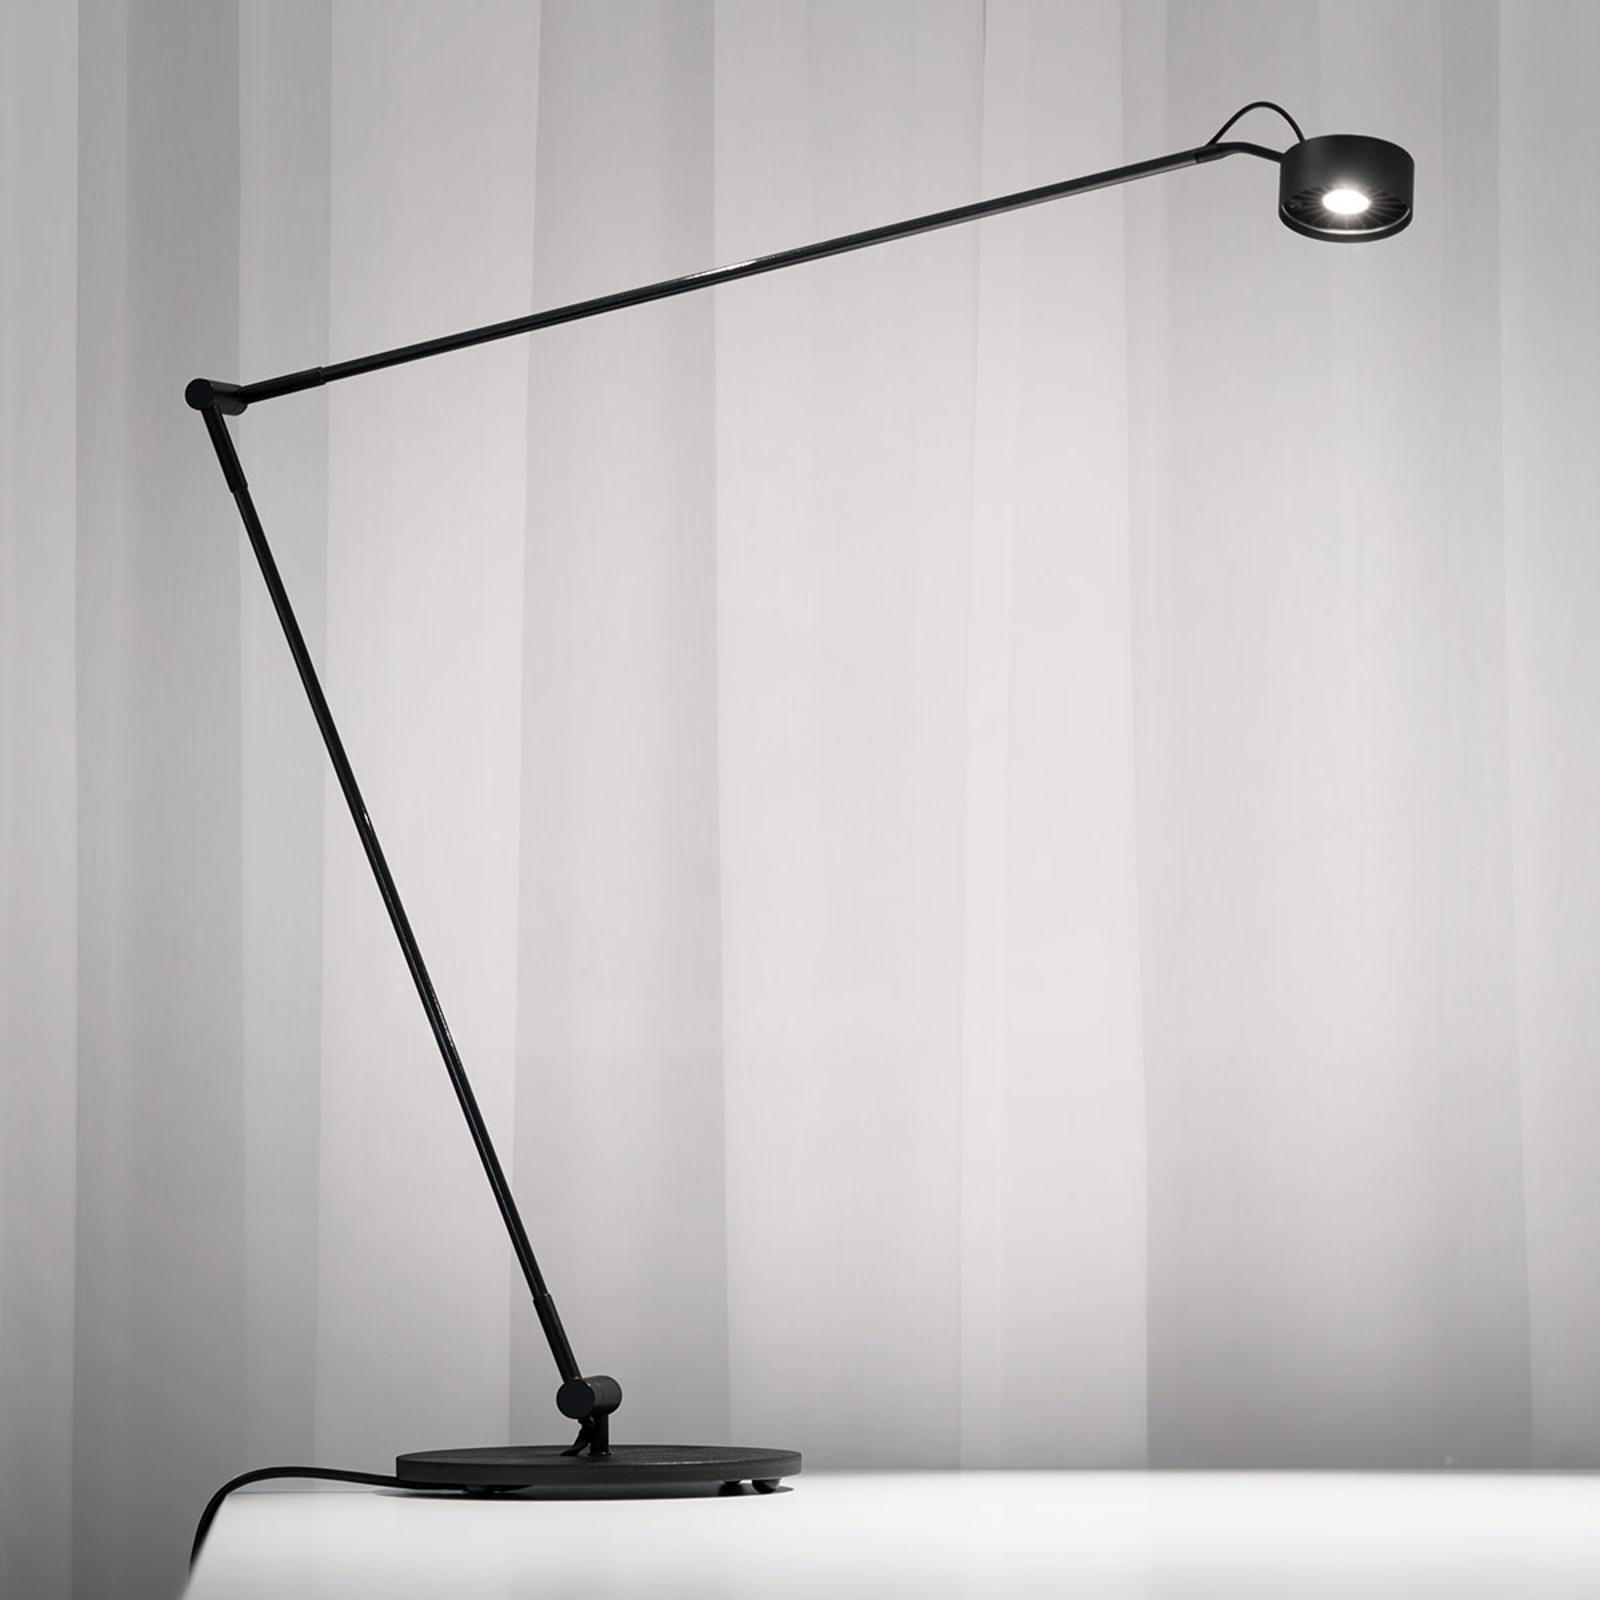 LED tafellamp Basica 930 E met dwarsarm, zwart